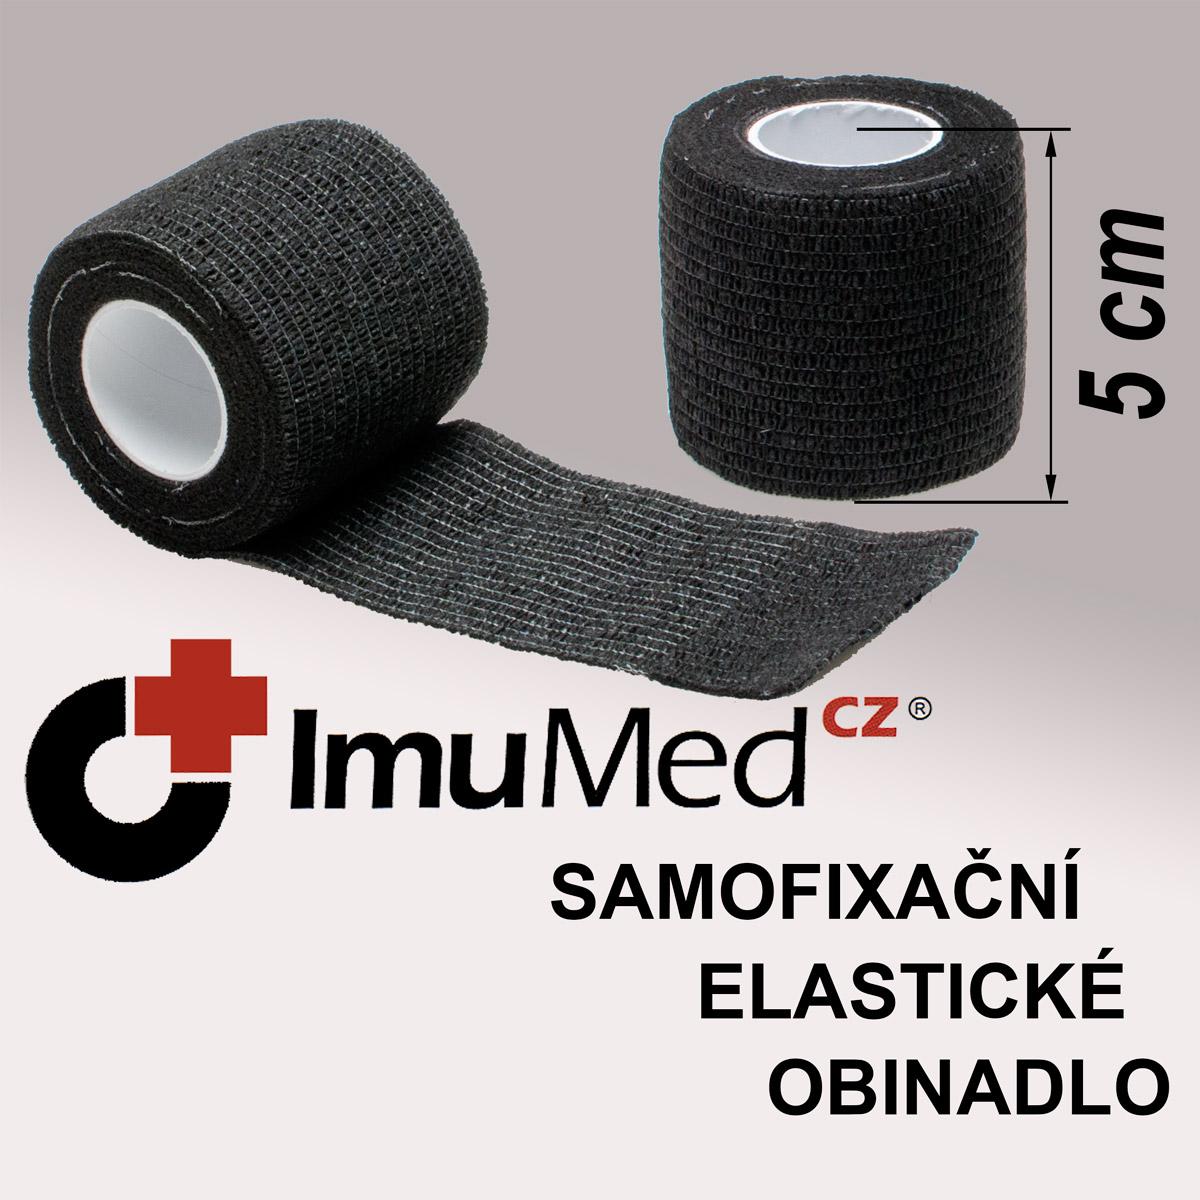 ImuMedCZ samofixační elastické obinadlo 5 cm x 4,5 m ČERNÁ barva ImuMedCZ samodržící elastické obinadlo 5 cm x 4,5 m ČERNÁ barva